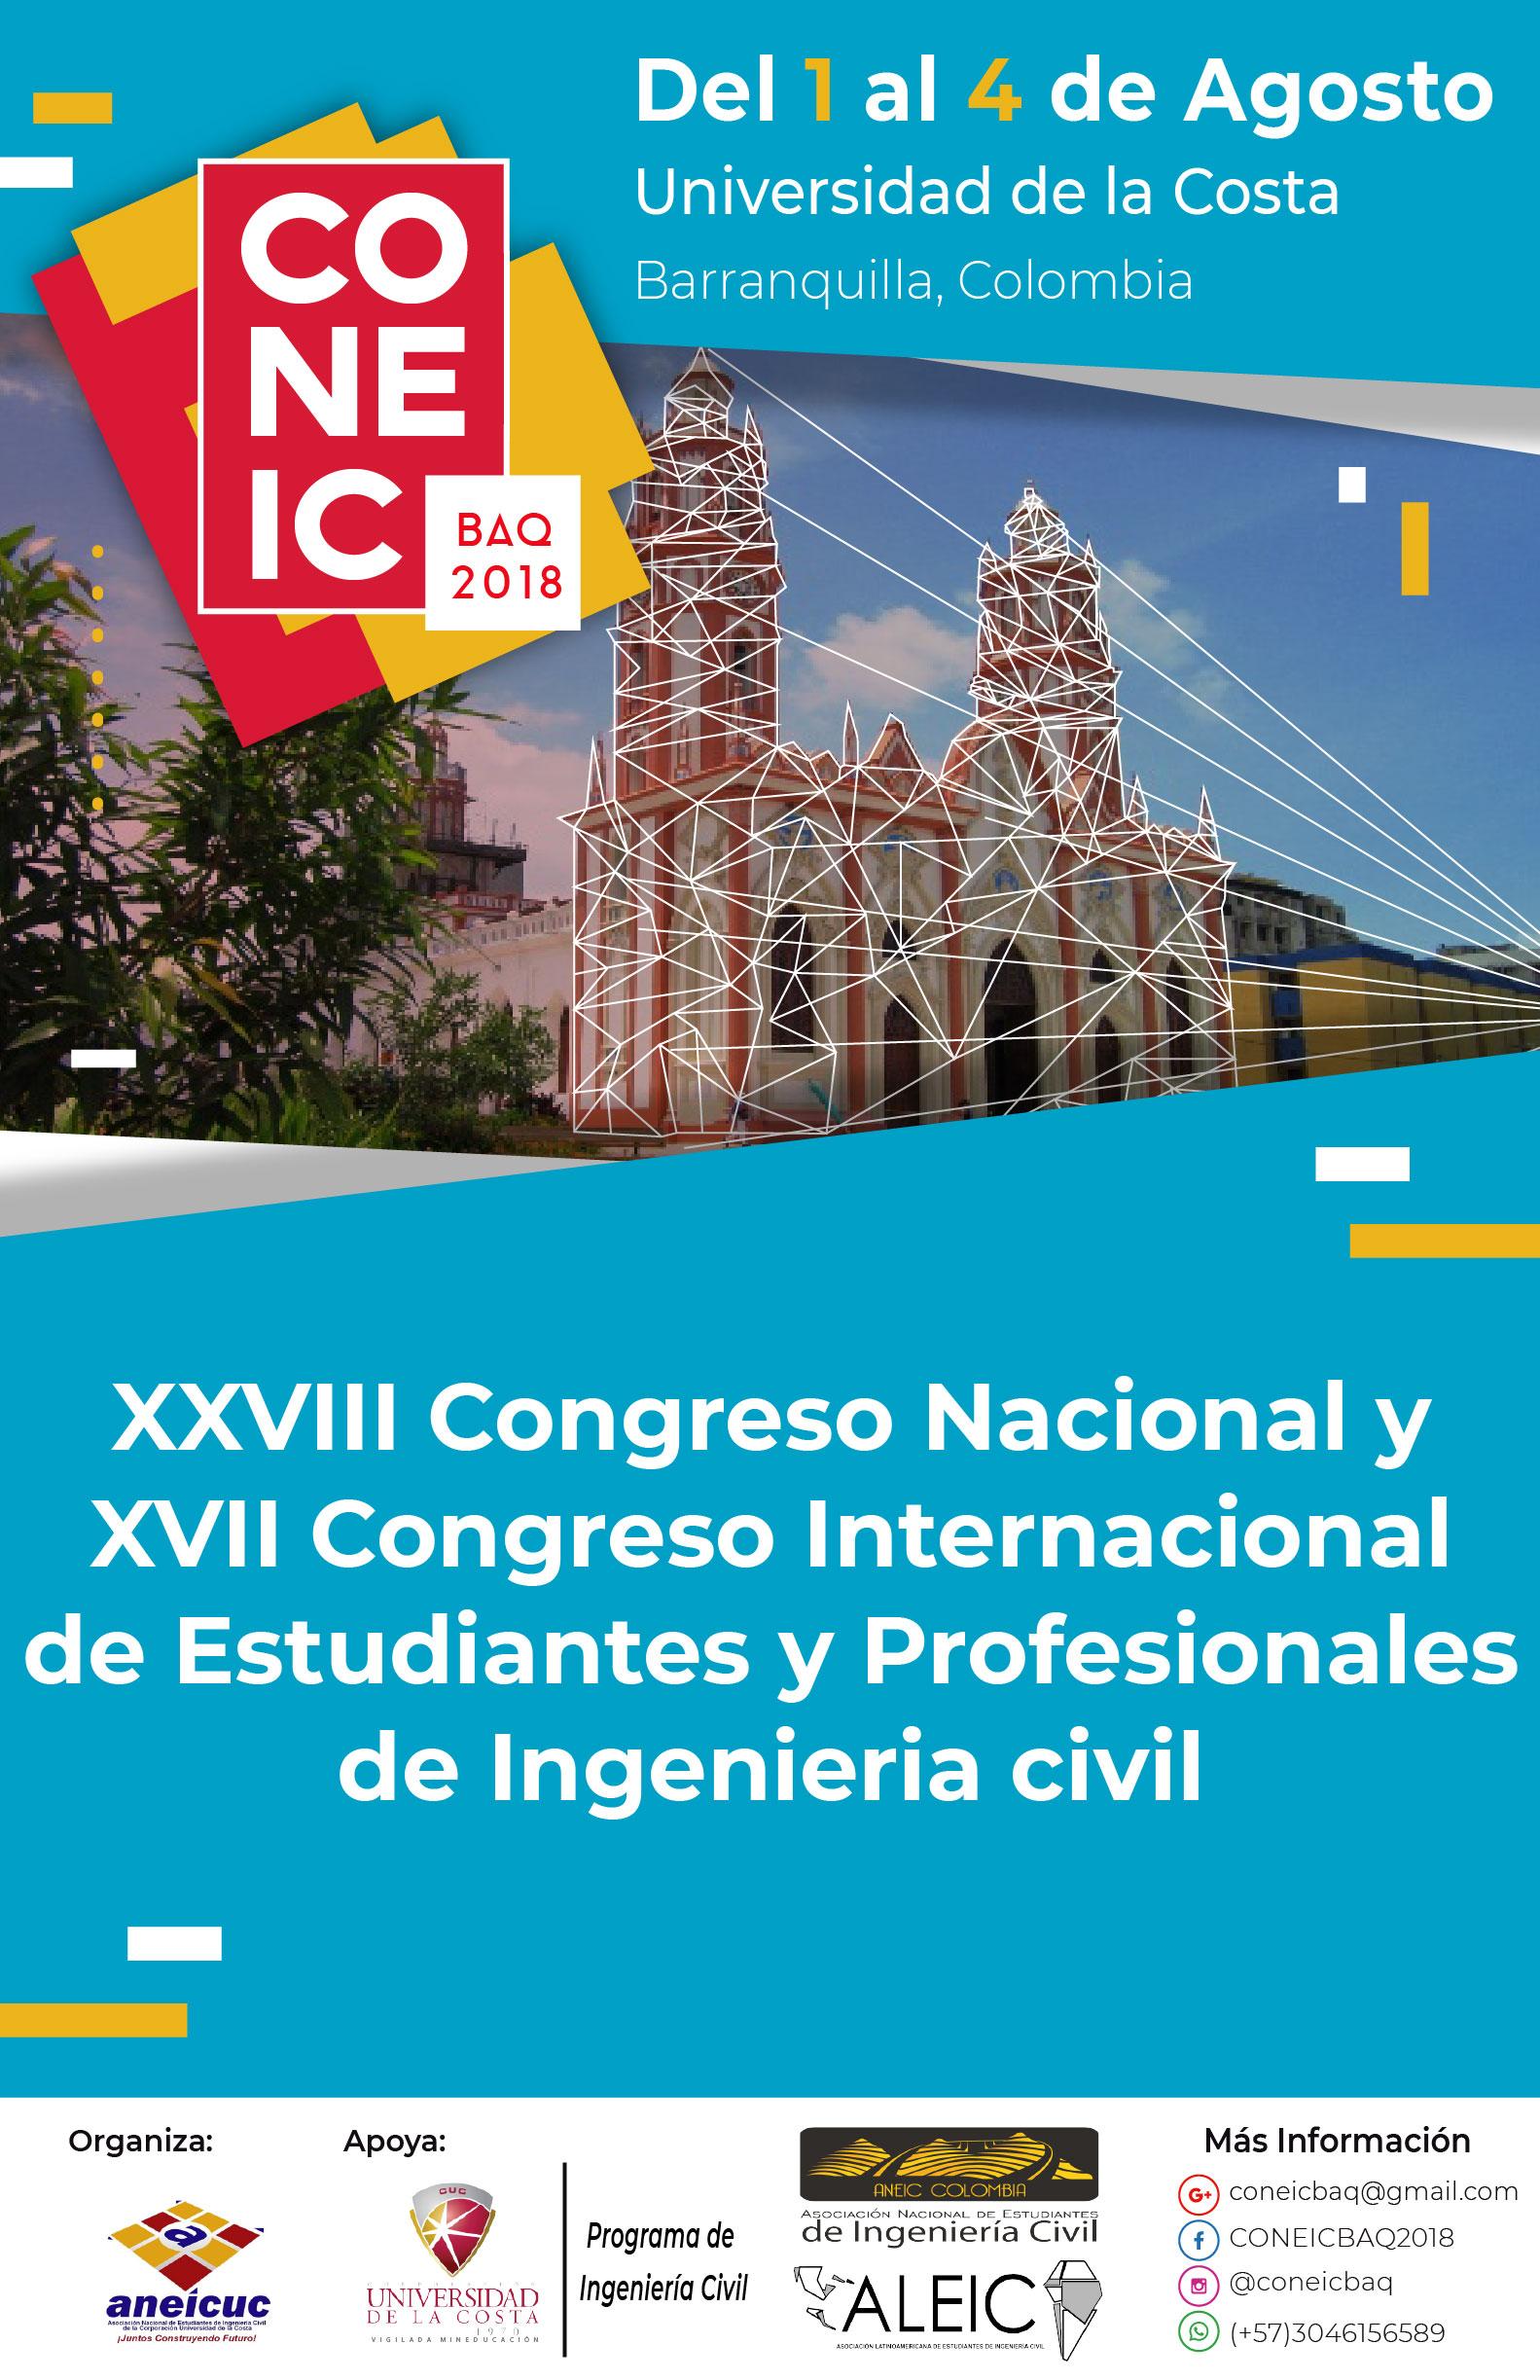 La CUC será sede del Congreso Nacional e Internacional de Estudiantes y Profesionales de Ingeniería Civil CONEIC BAQ 2018